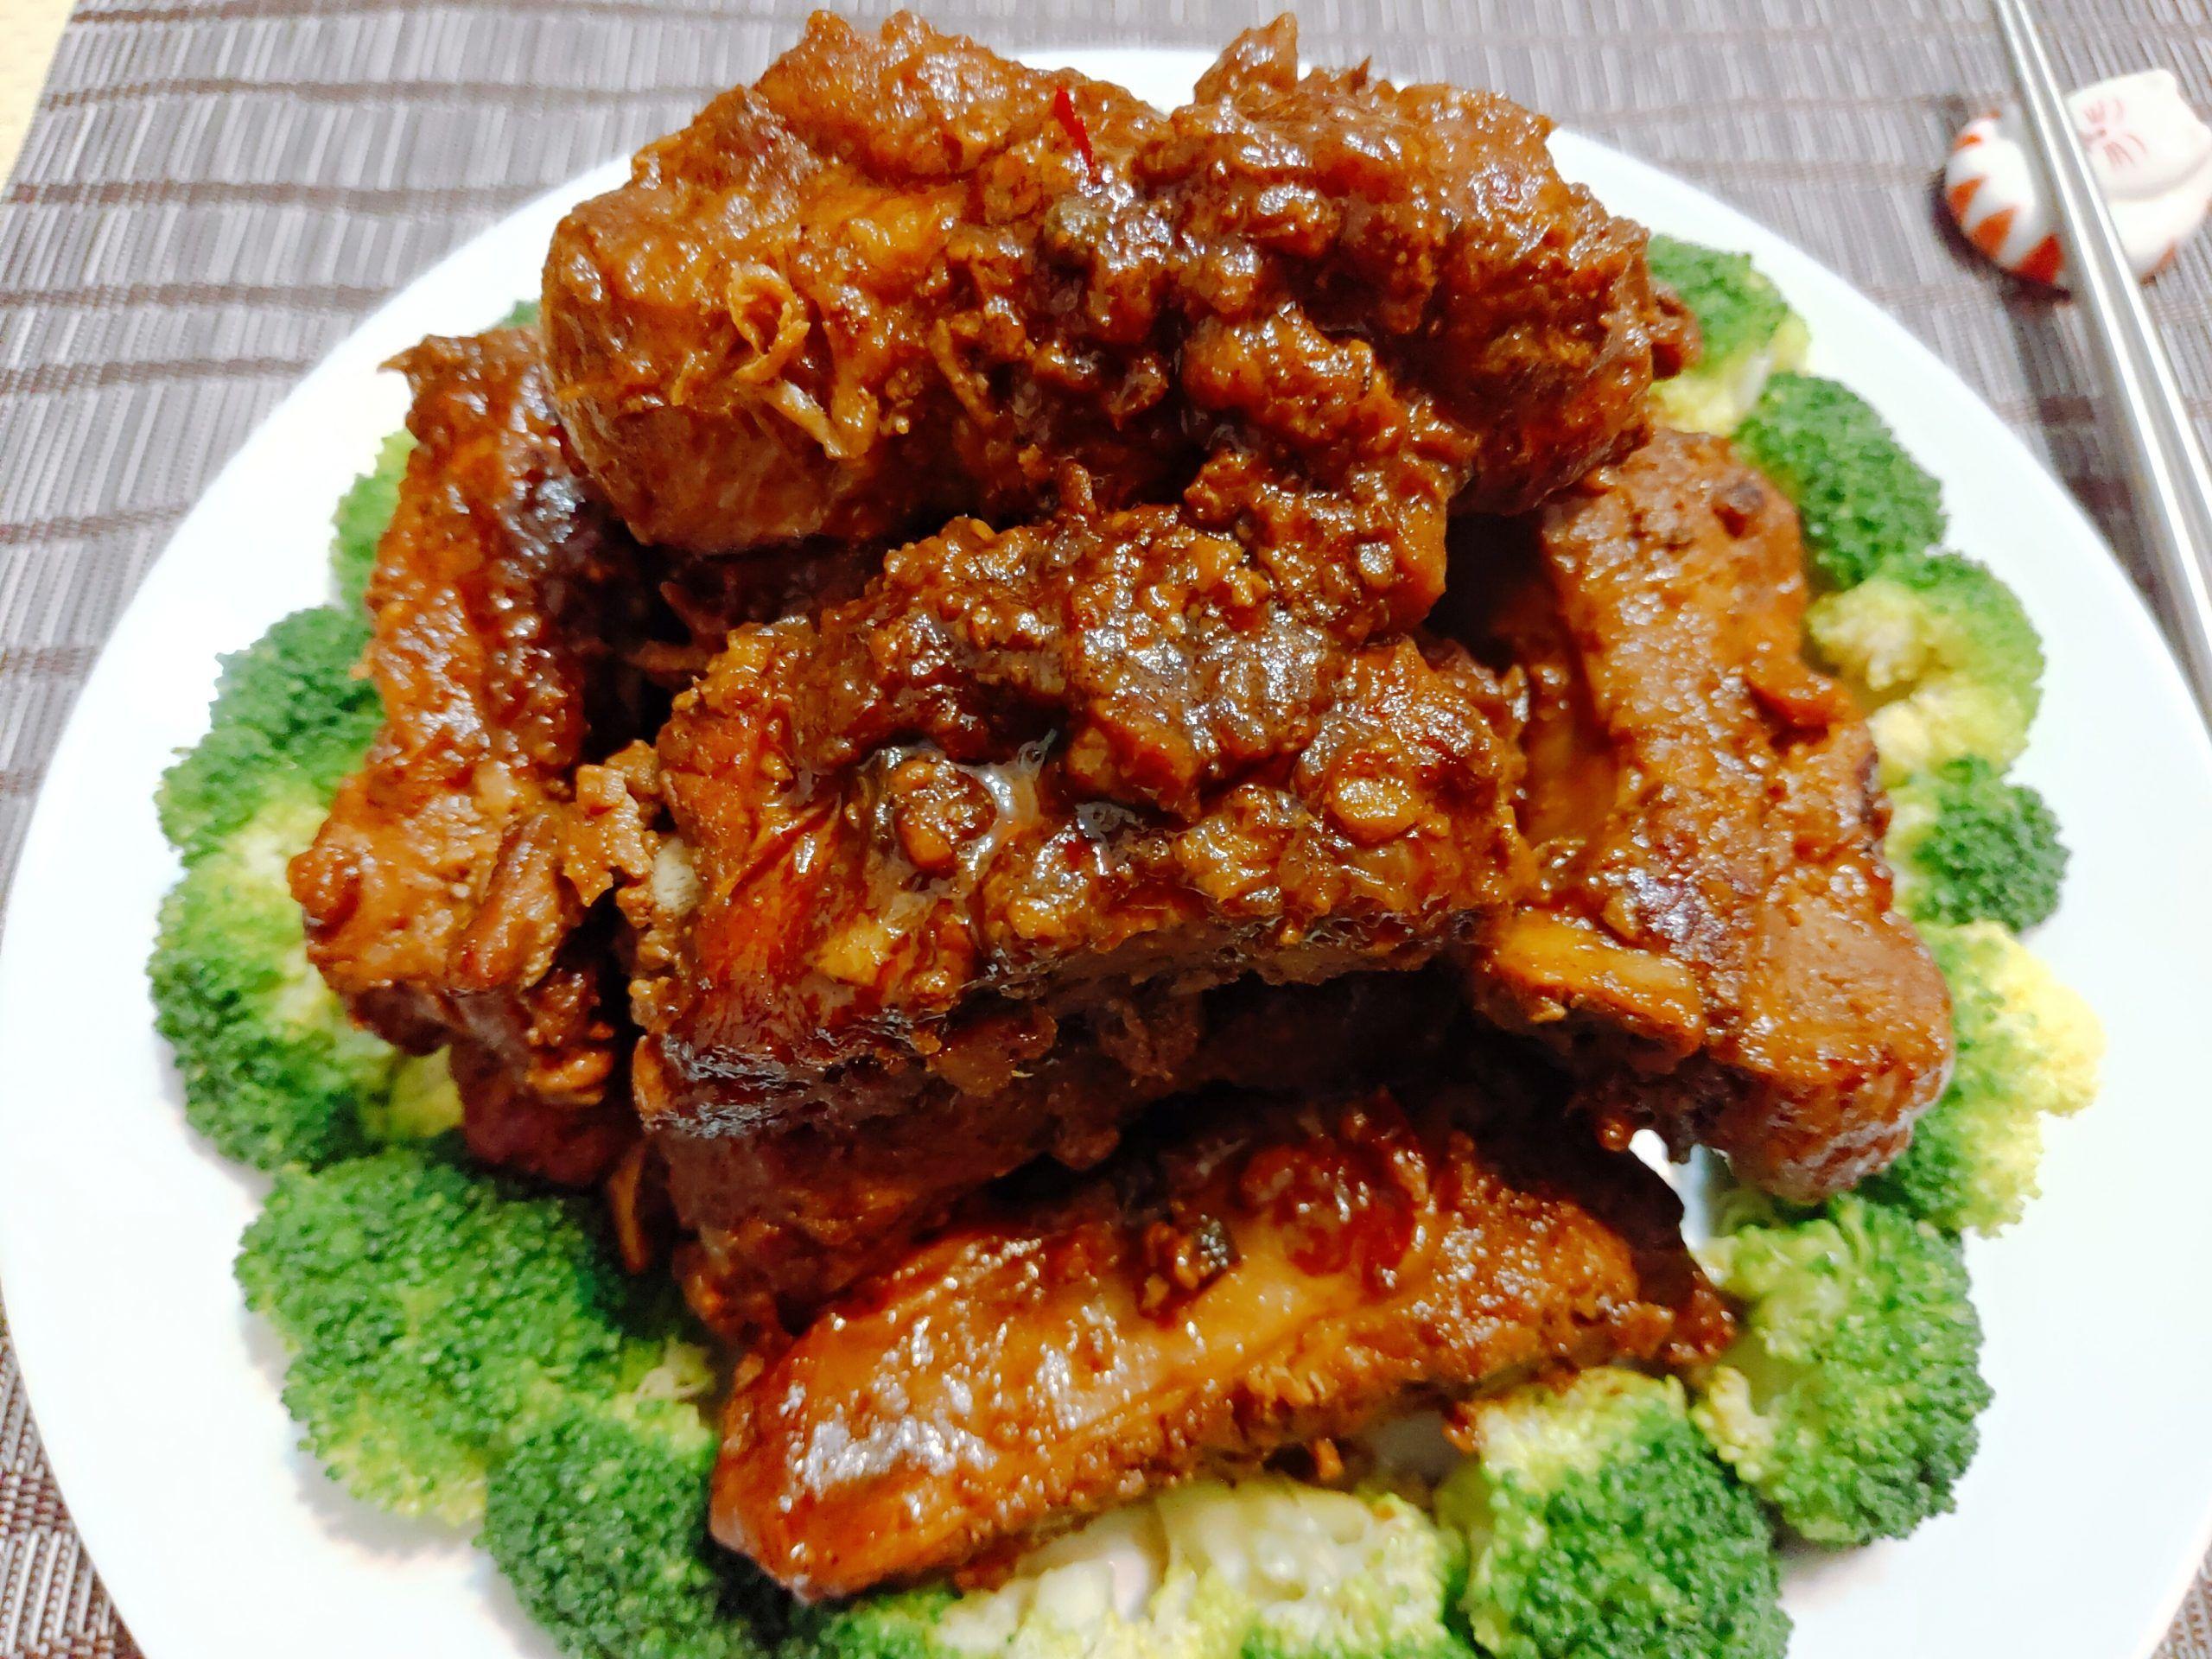 【食譜】無錫排骨|簡易版本的江蘇名菜,大菜上桌一點都不難